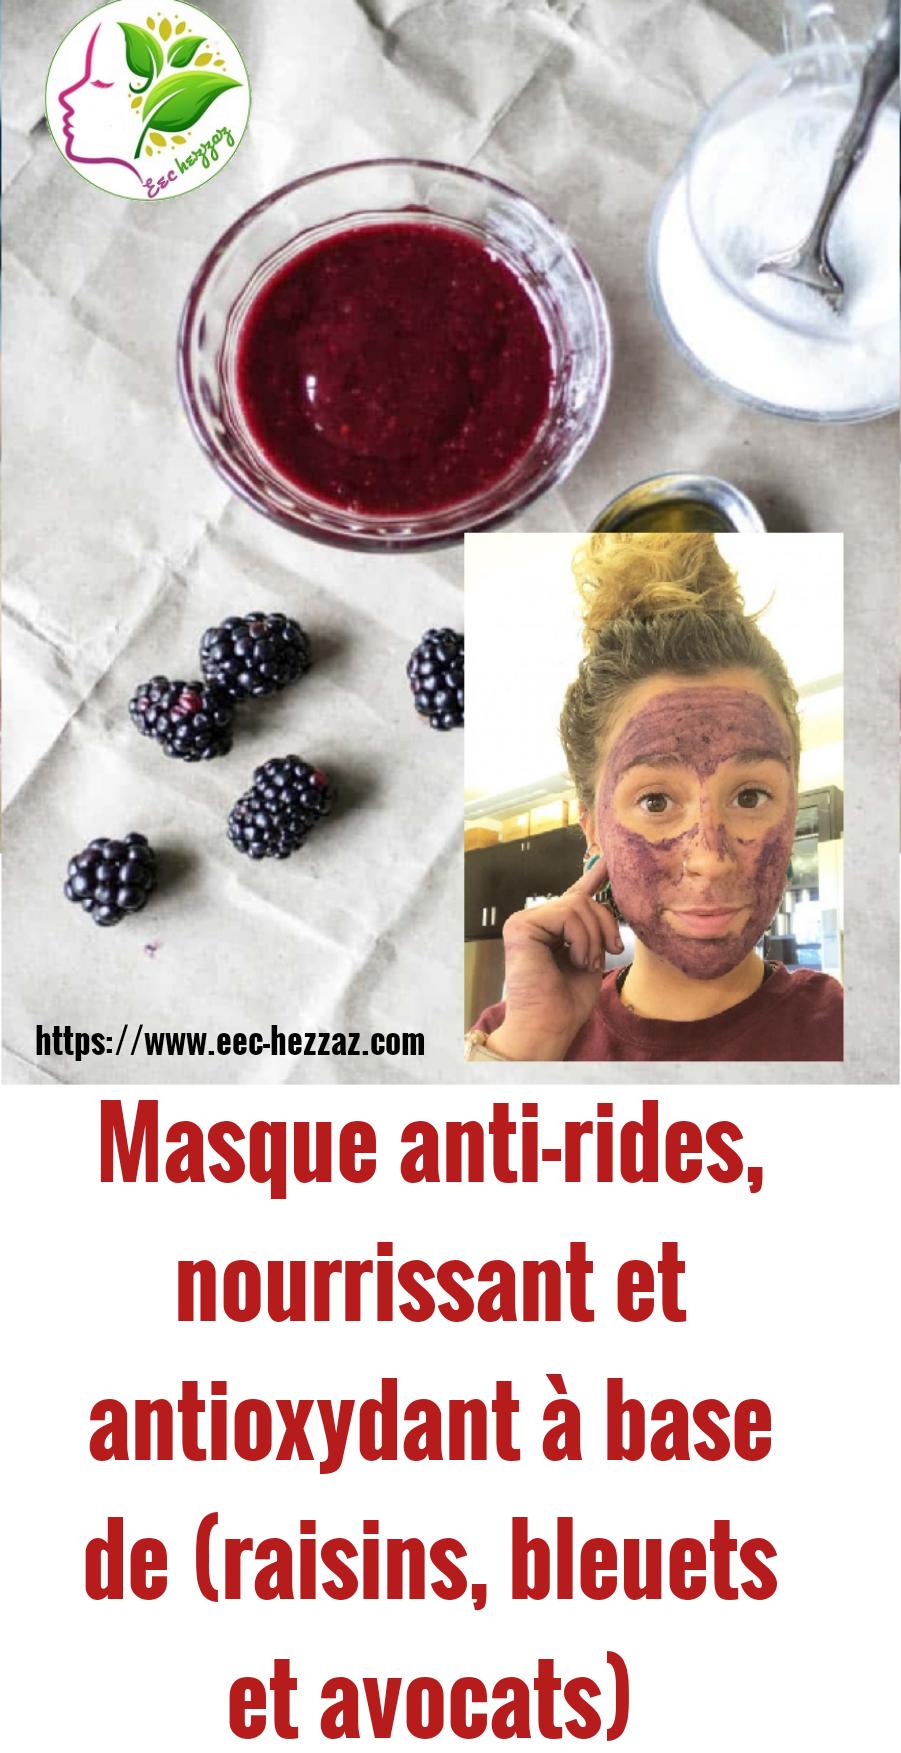 Masque anti-rides, nourrissant et antioxydant à base de (raisins, bleuets et avocats)